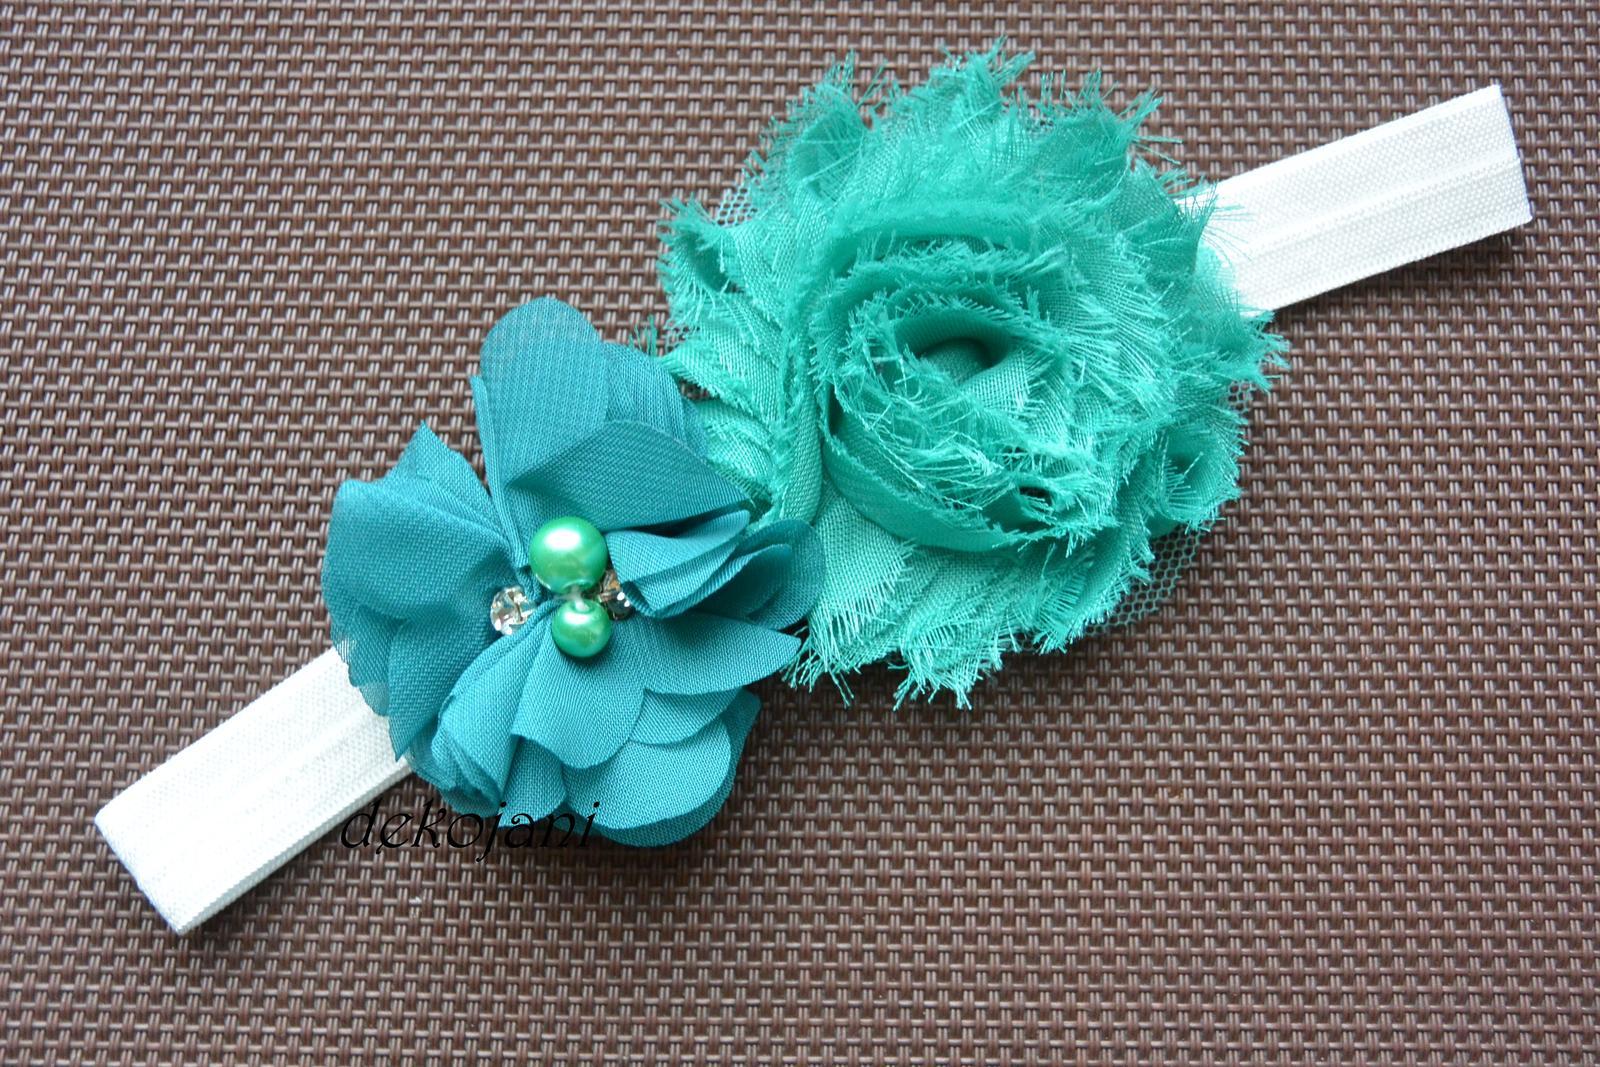 Čelenky, květiny do vlasů, náramky, obojek pro pejska... - Obrázek č. 70